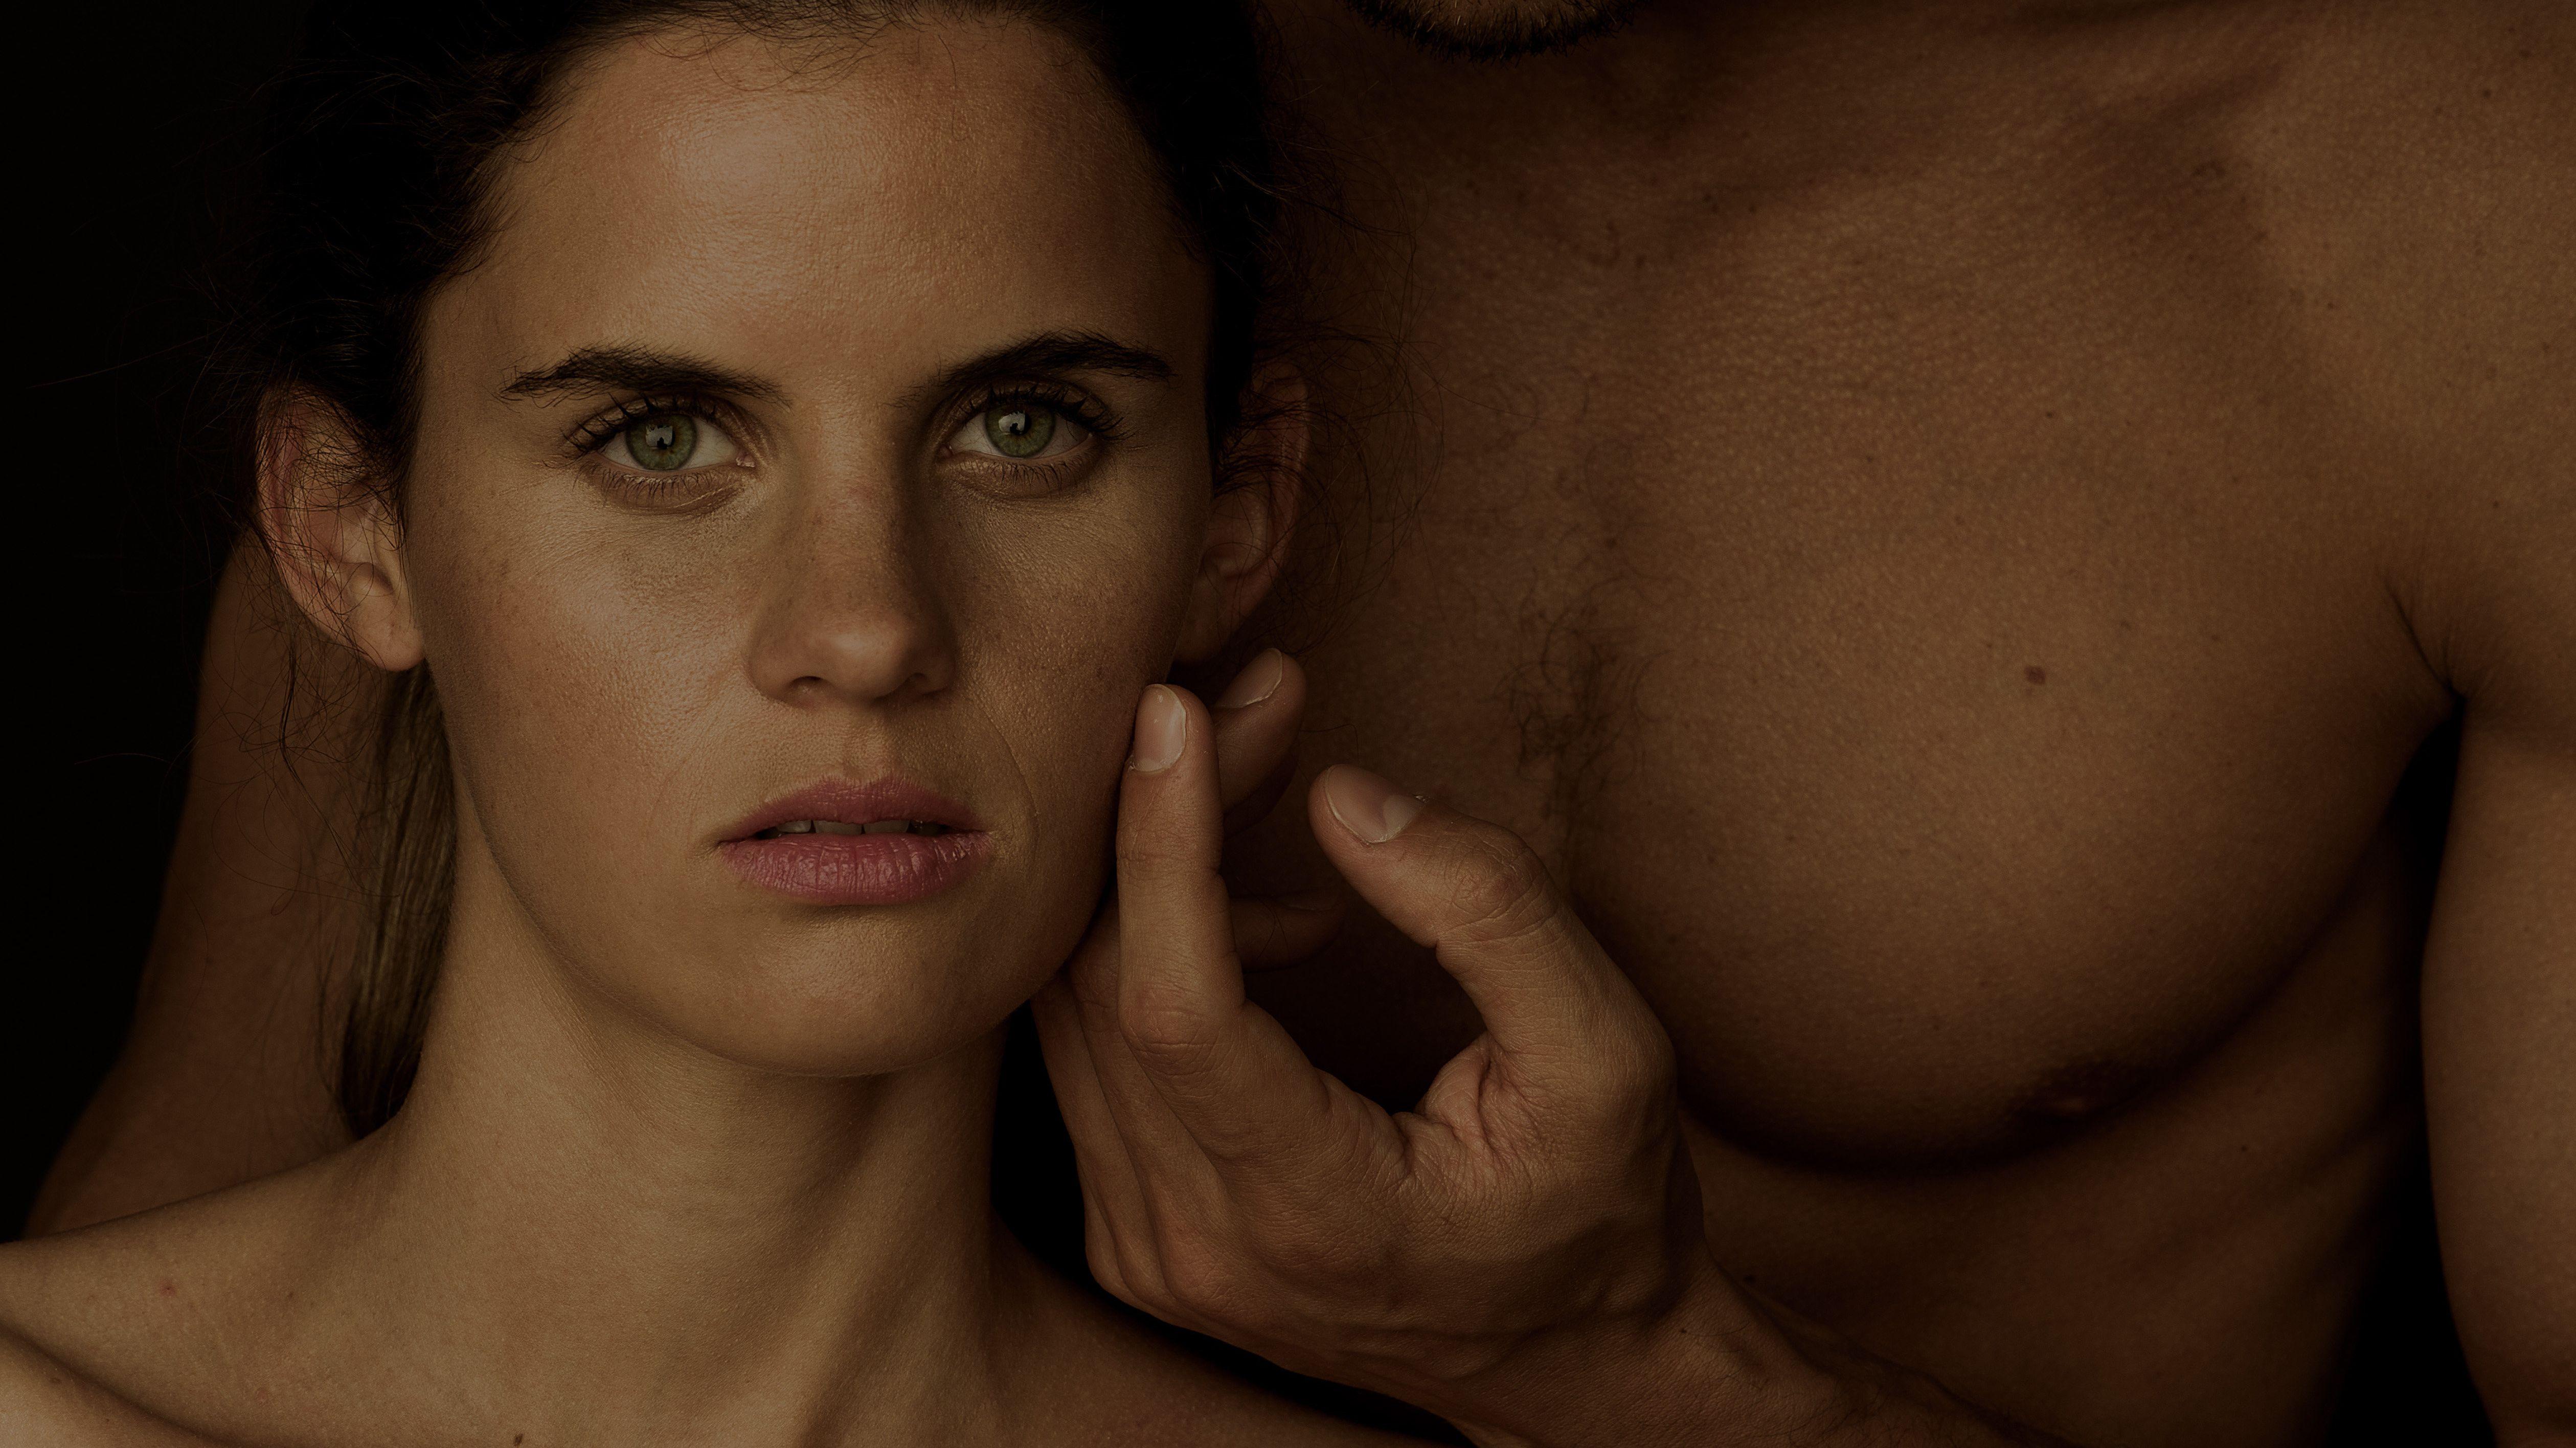 Eine Frau vor der nackten Brust eines Mannes